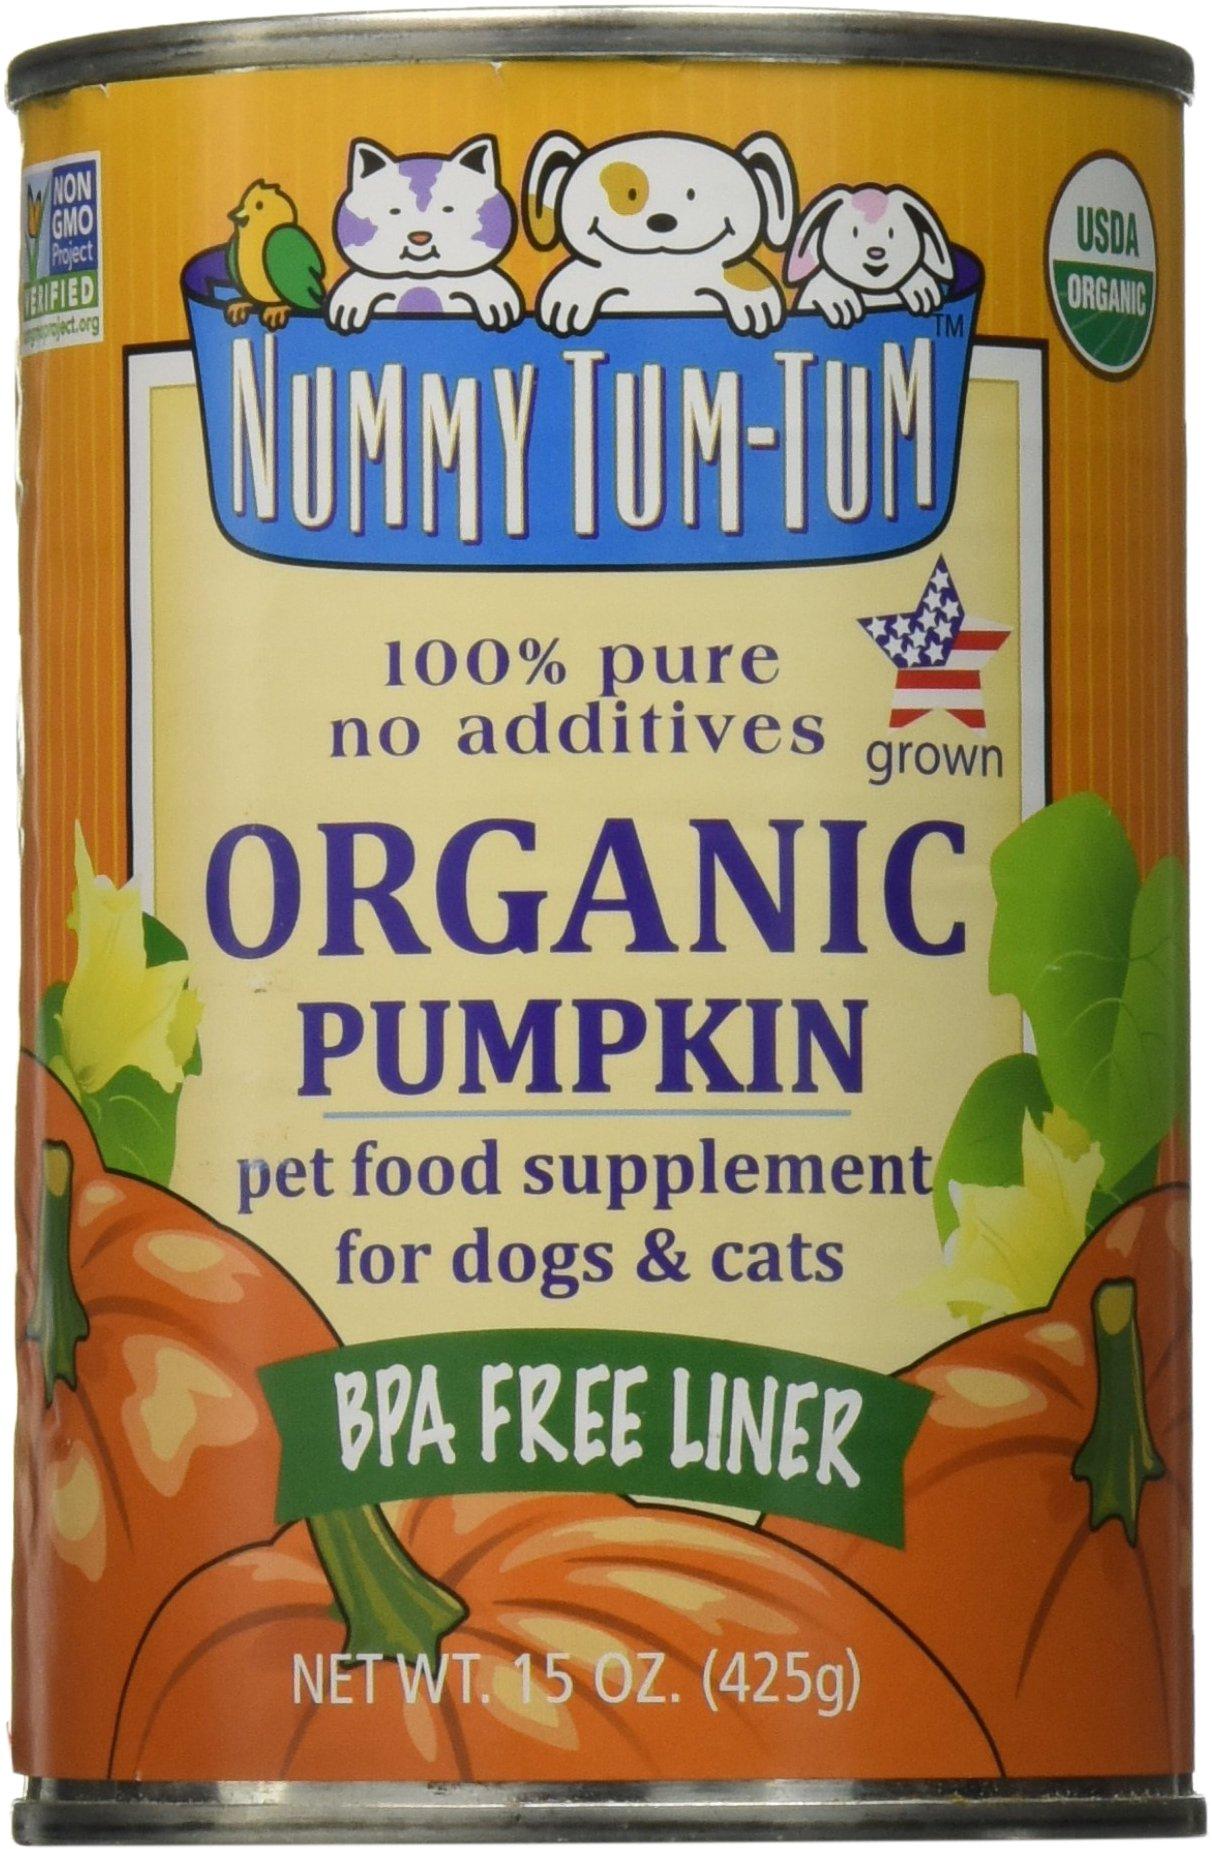 Nummy Tum Tum Pet Food Pack of 12